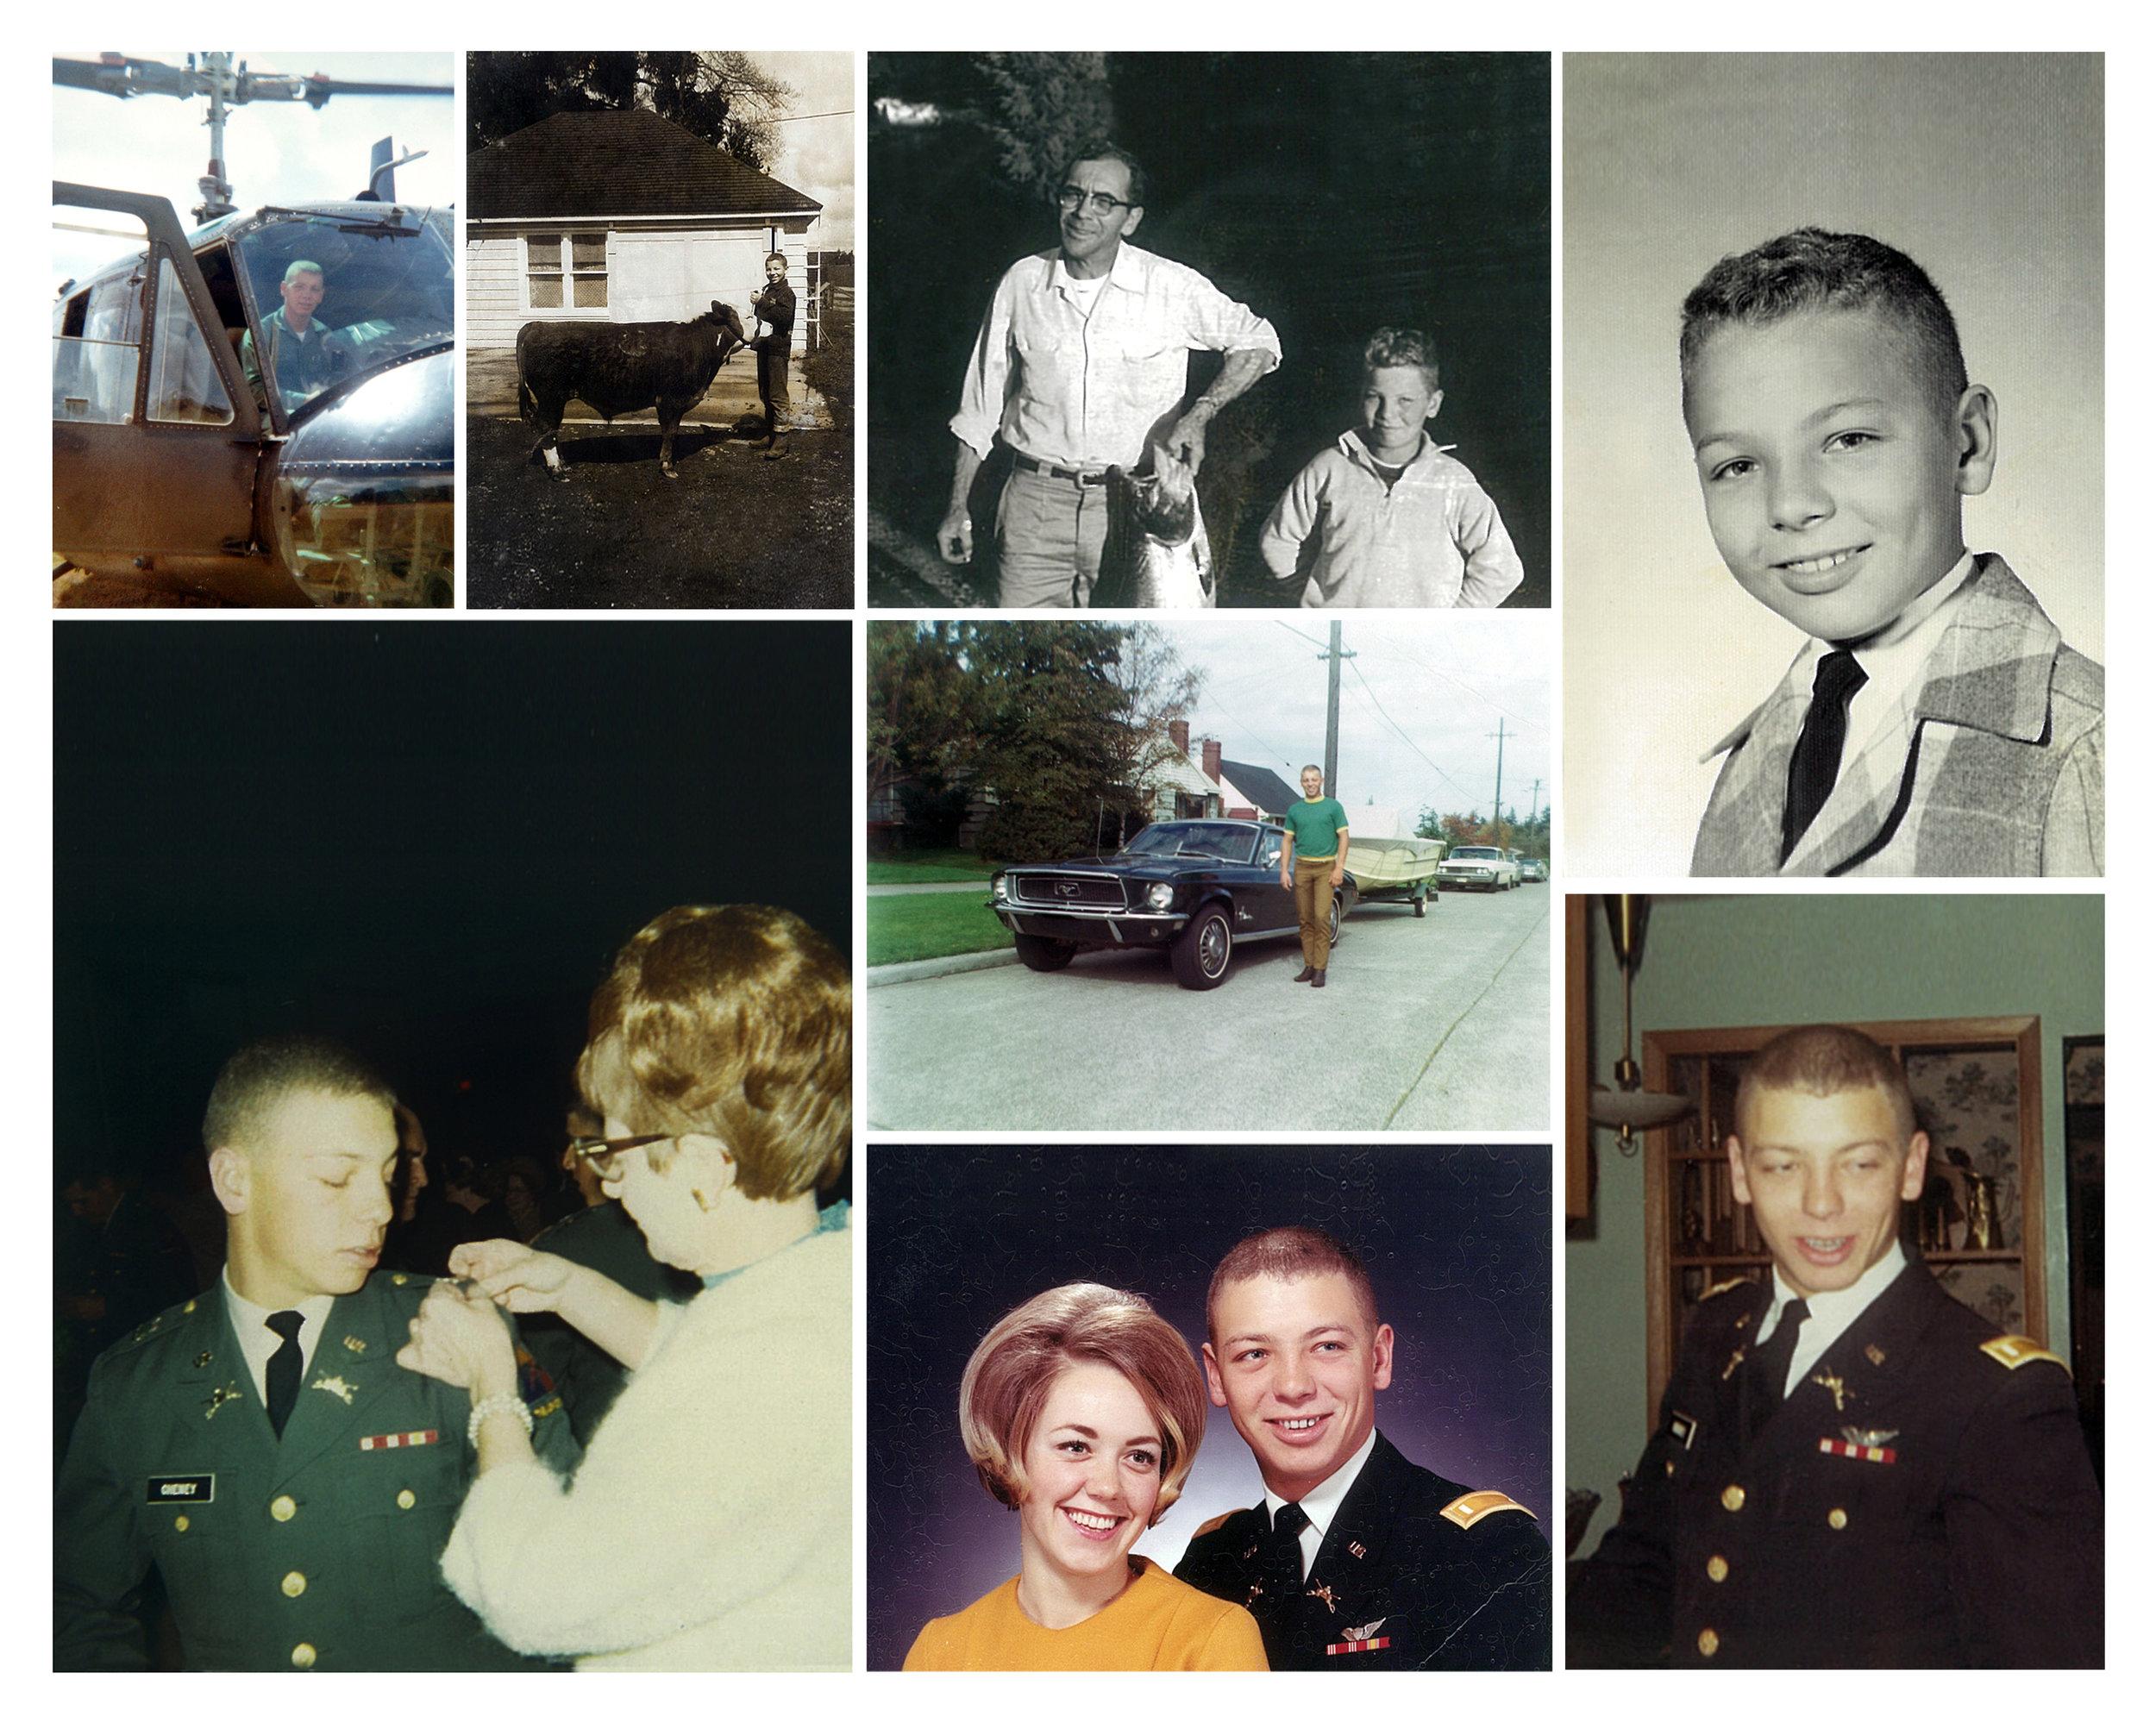 Family photos of Dan Cheney, his fiancee Gail Garcelon and his parents, Rae and Bun Cheney. Photo courtesy Jerilyn Brusseau.Ảnh gia đình của Dan Cheney, hôn thê của anh Gail Garcelon, và cha mẹ của anh, bà Rae và ông Bun Cheney.